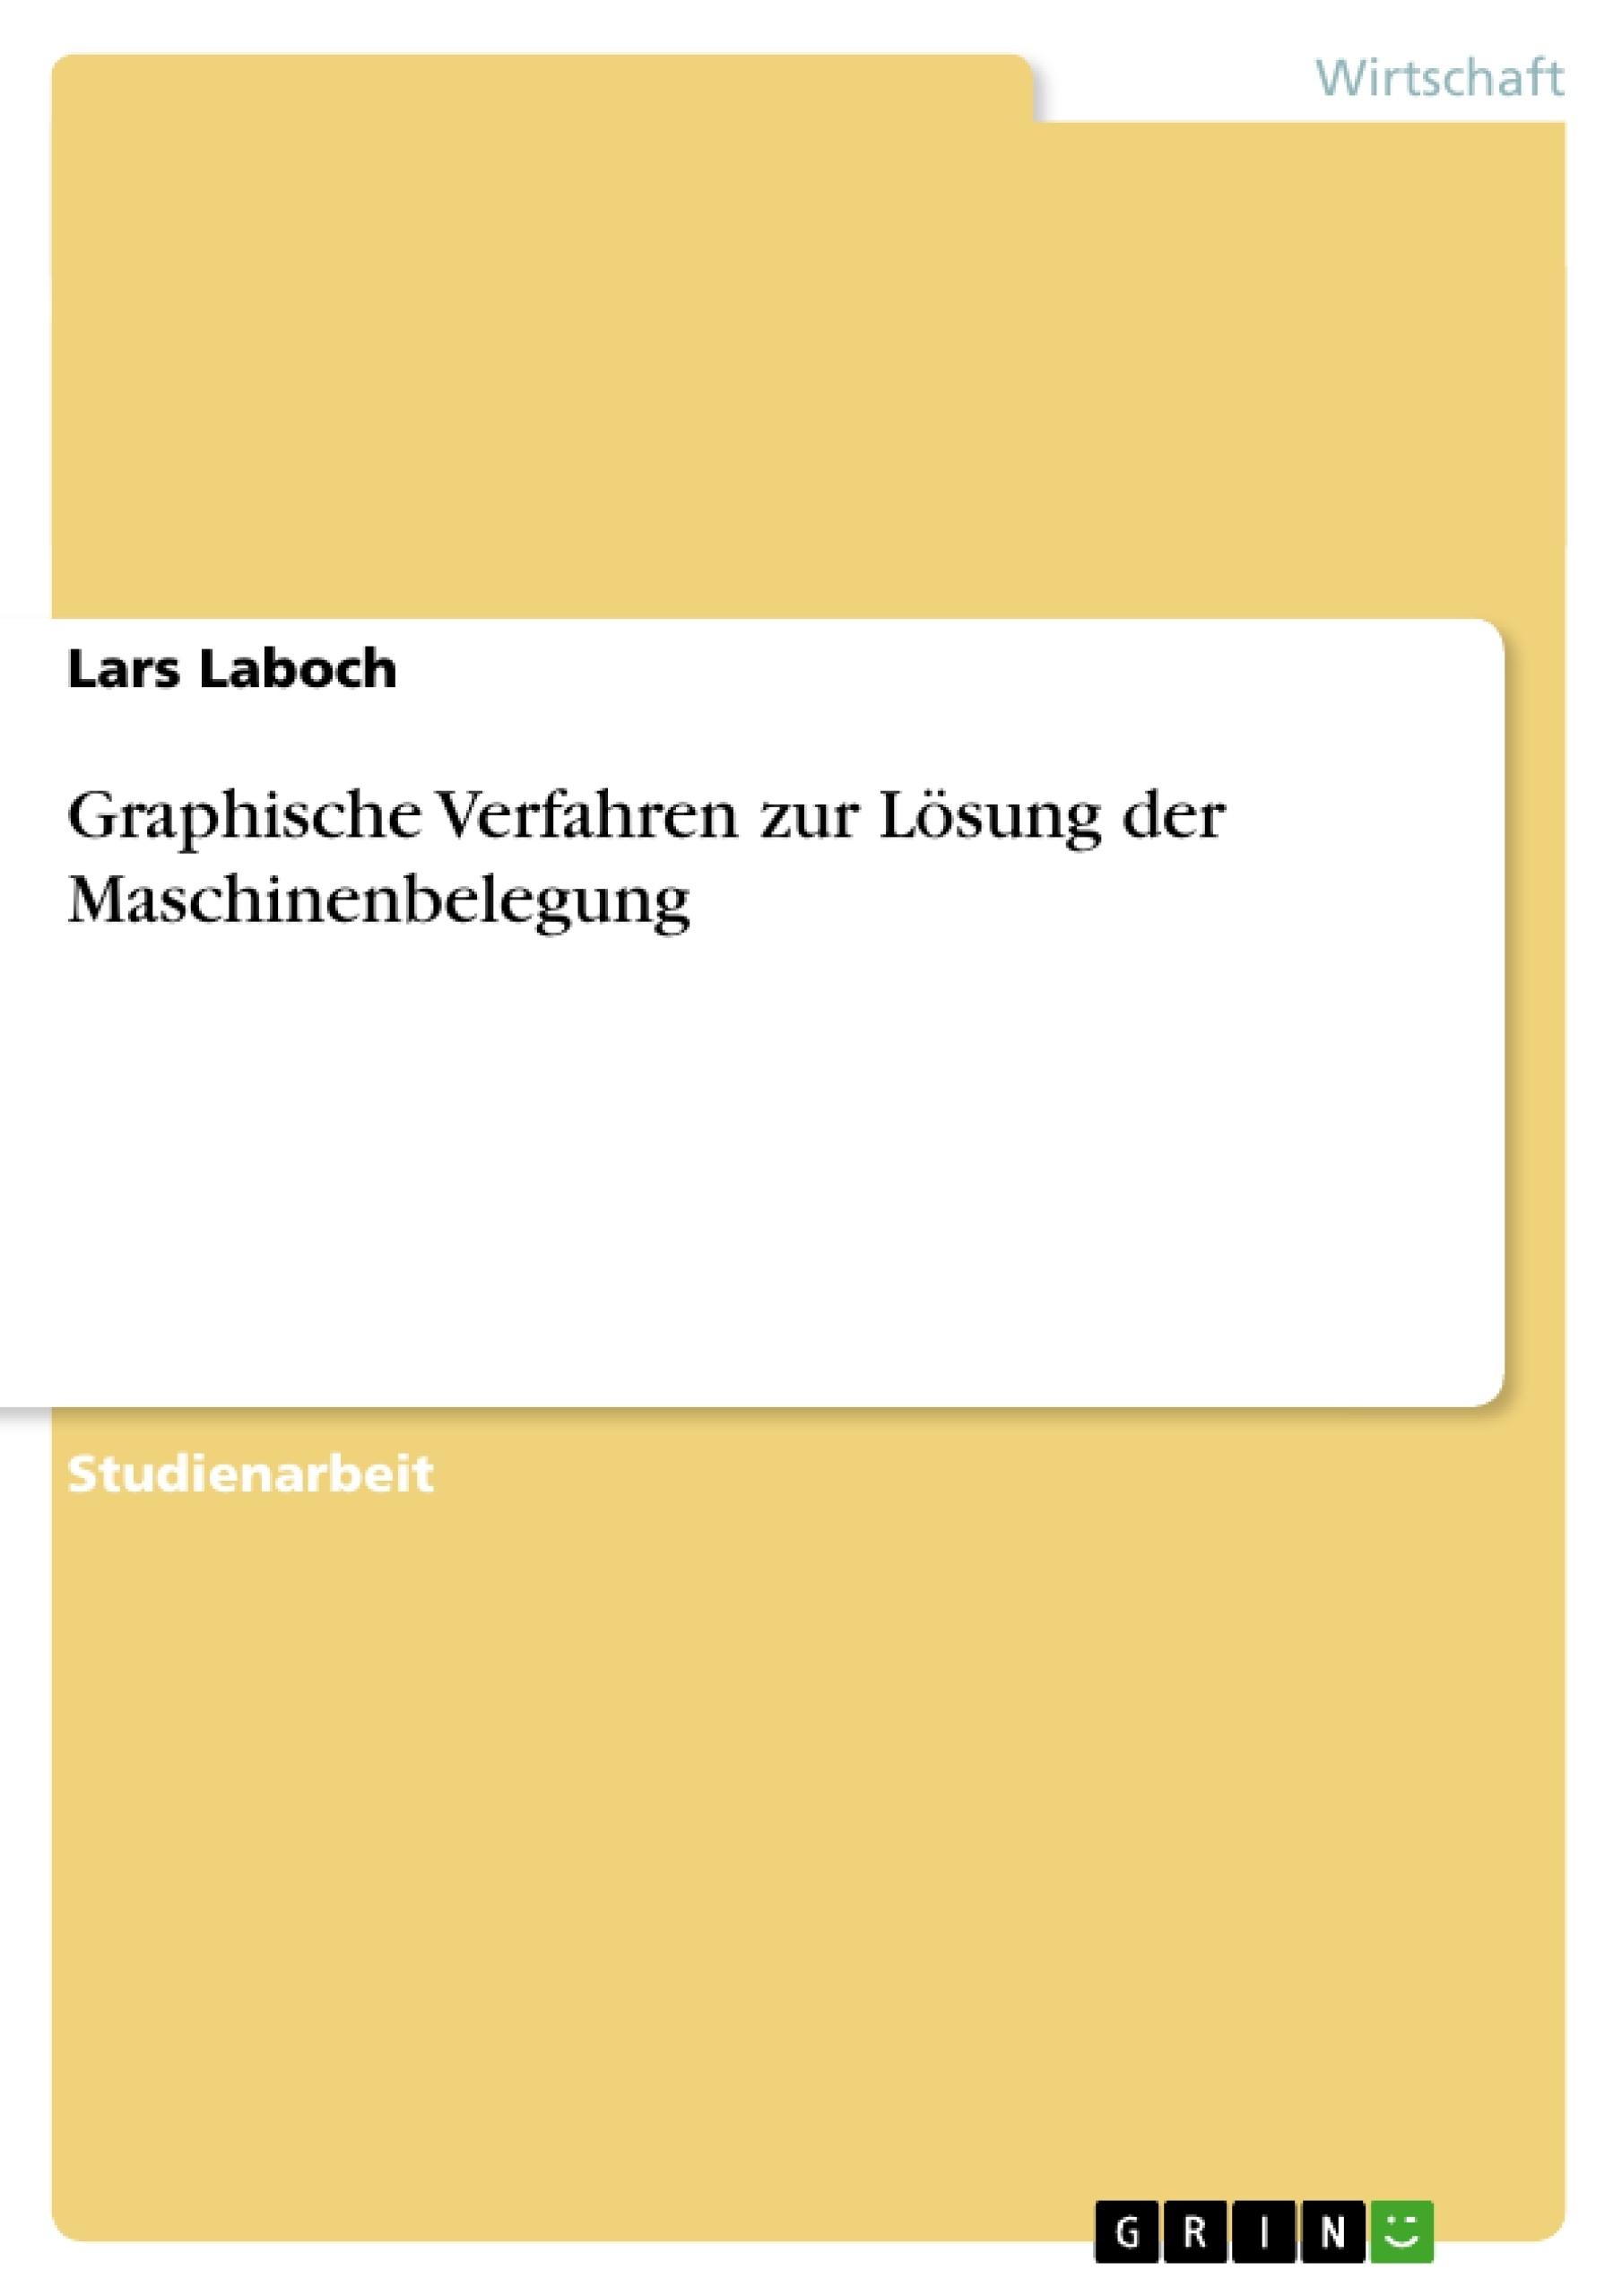 Titel: Graphische Verfahren zur Lösung der Maschinenbelegung